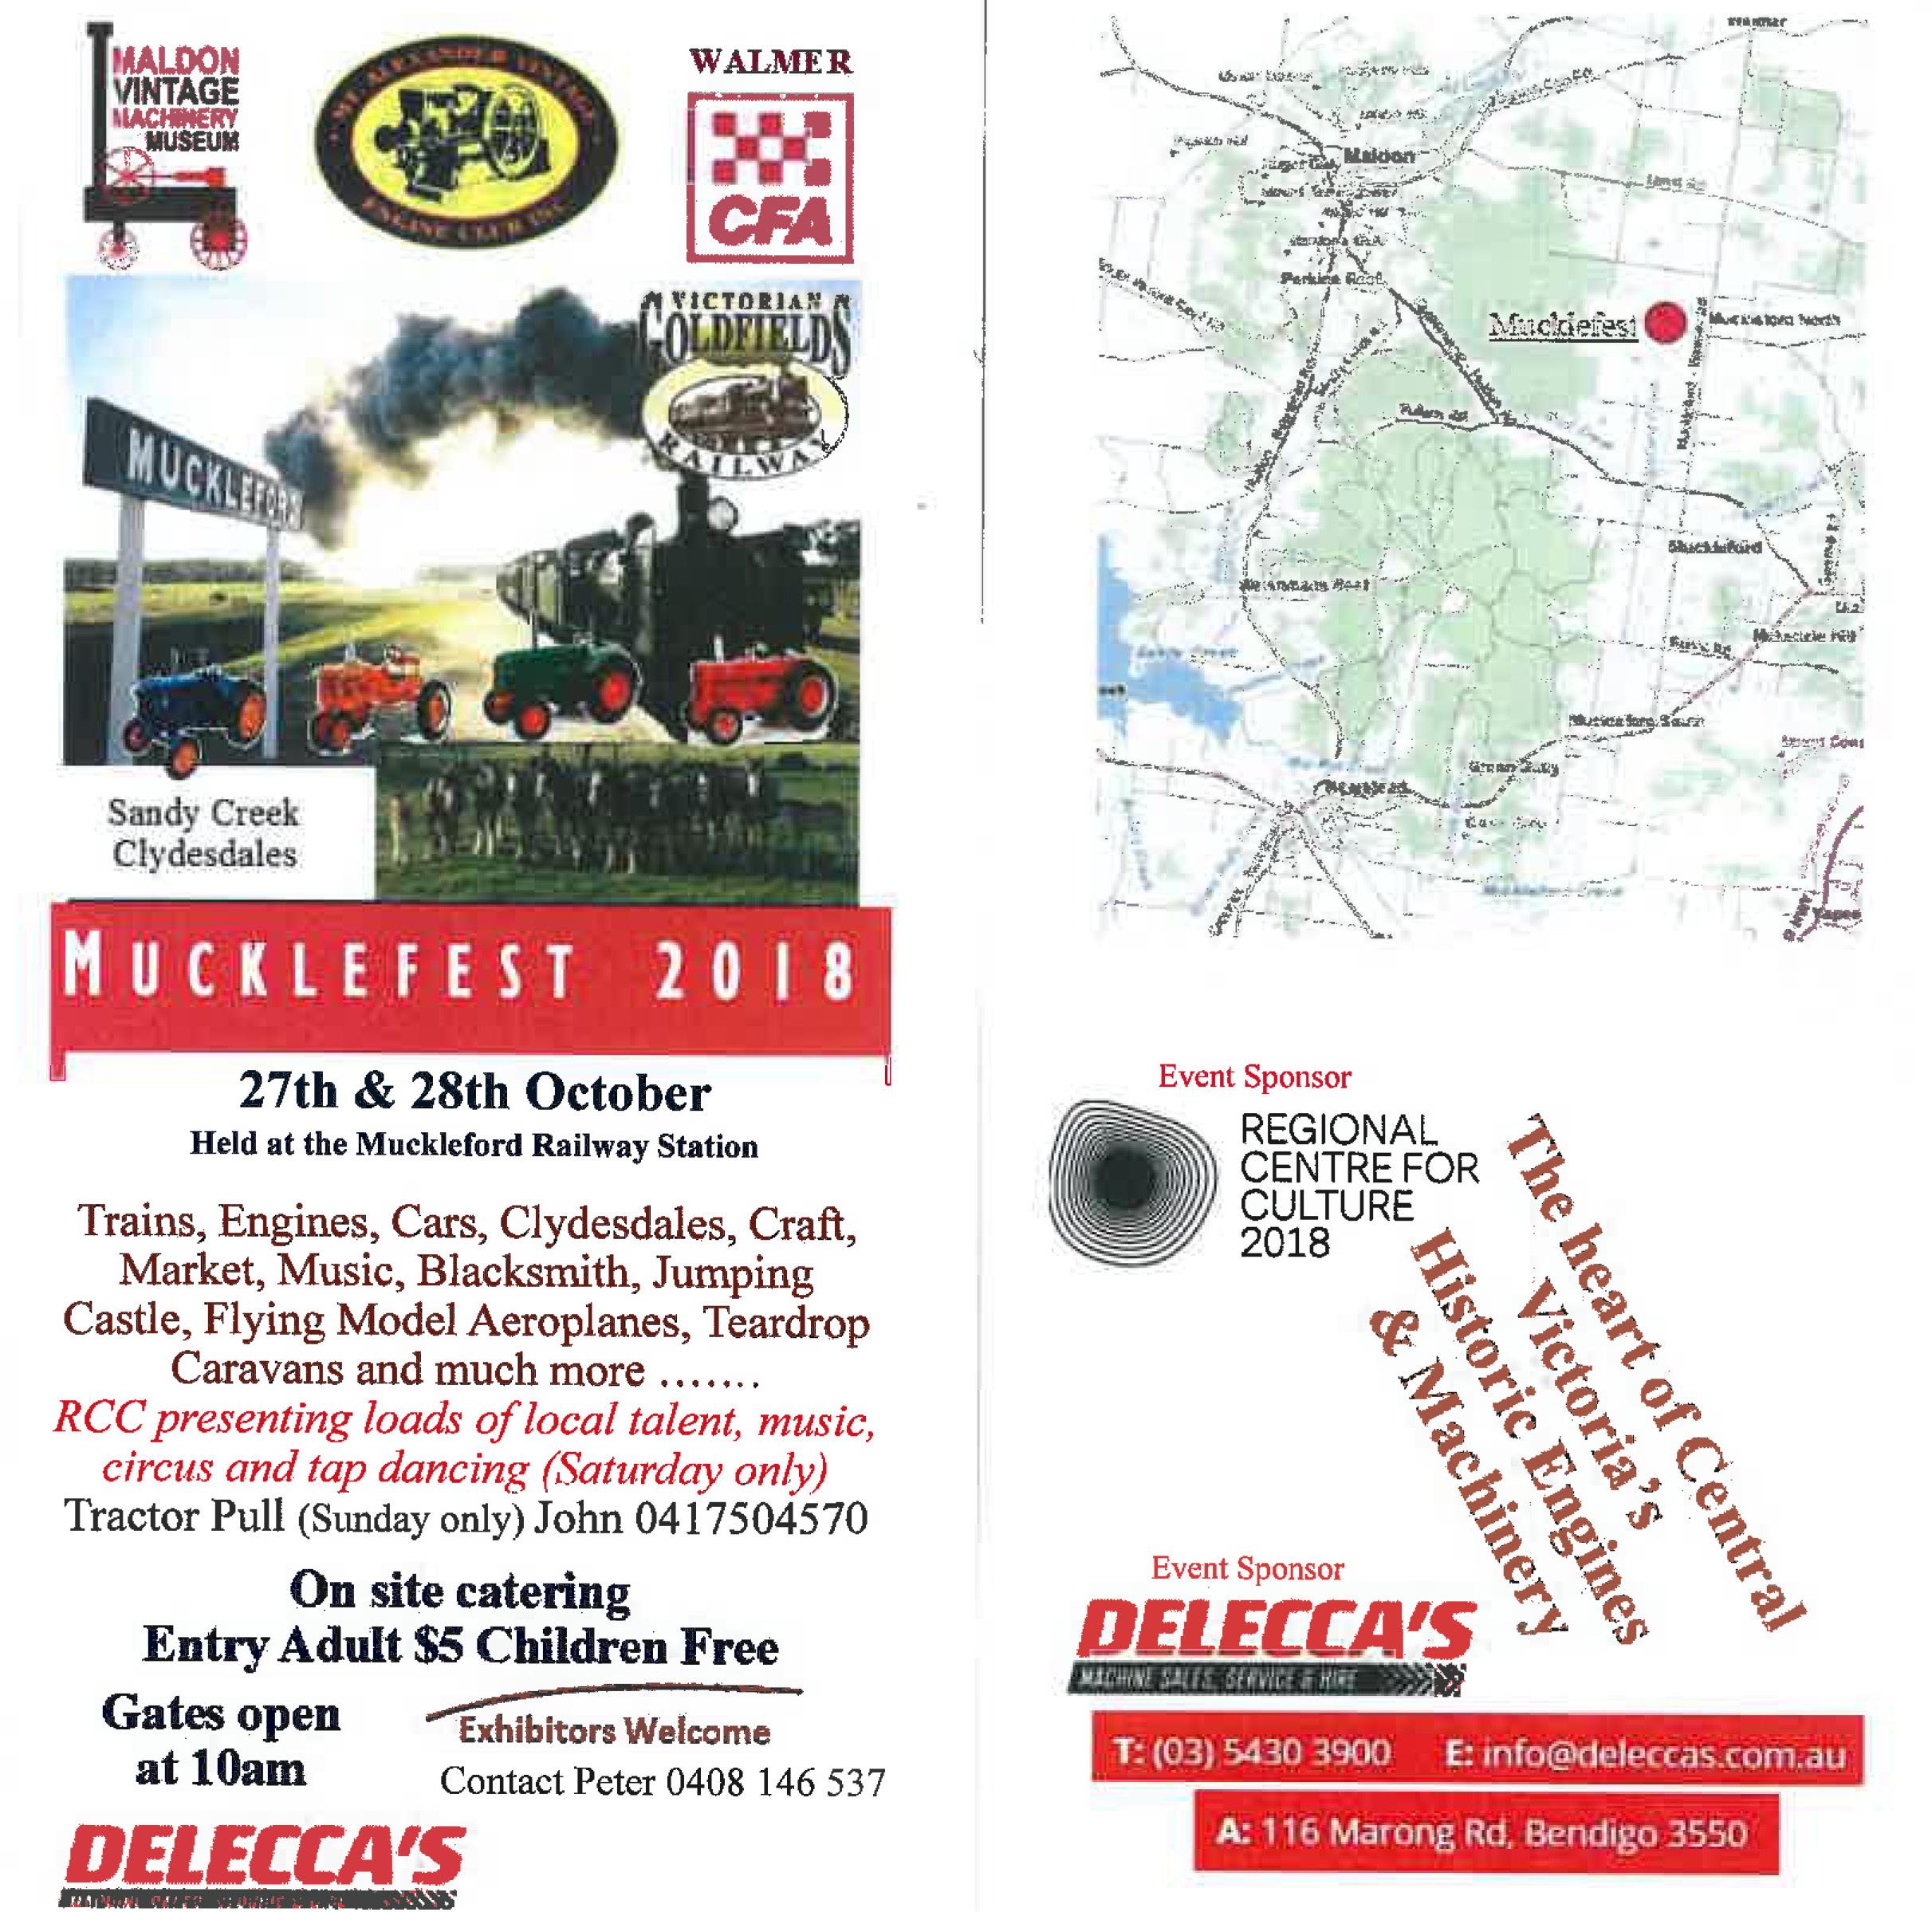 mucklefest 2018.jpg